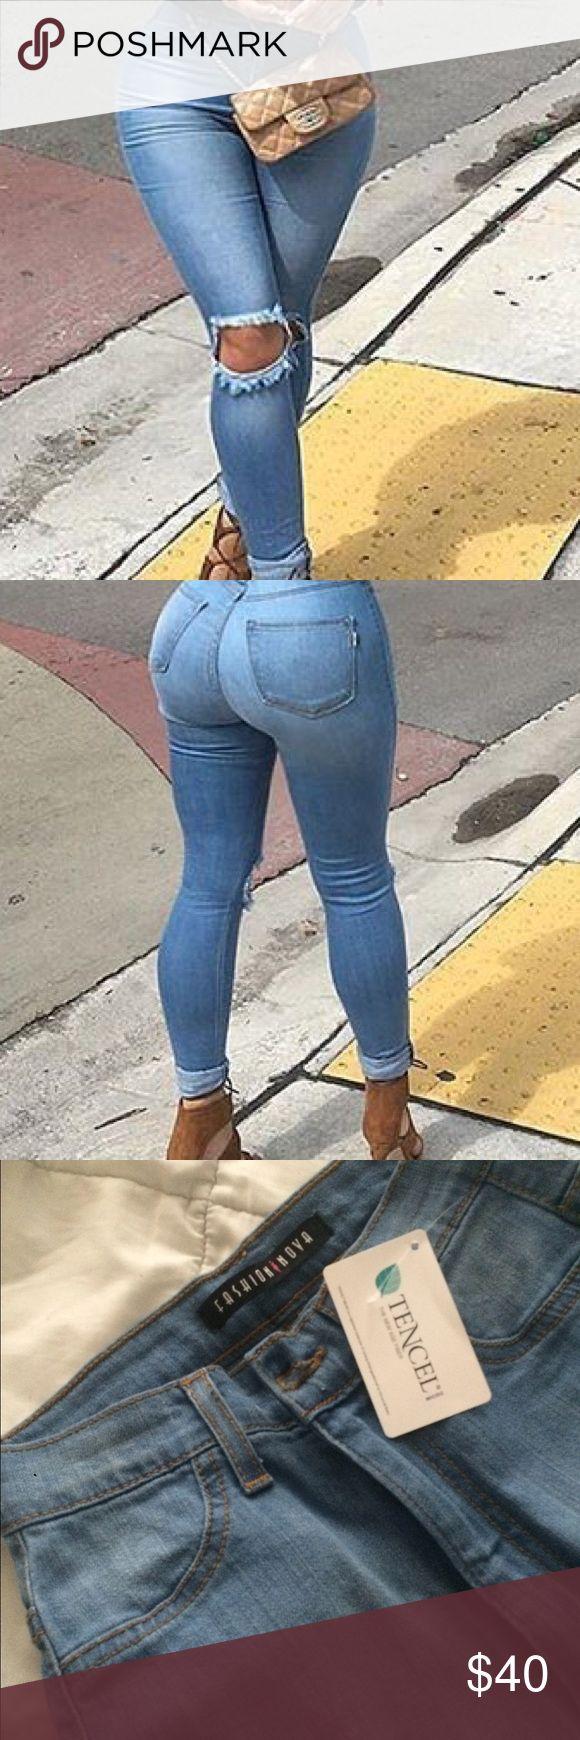 Fashion nova knee slit jeans 1 24 Fashion nova knee slit jeans 1 24 Fashion Nova Jeans Skinny